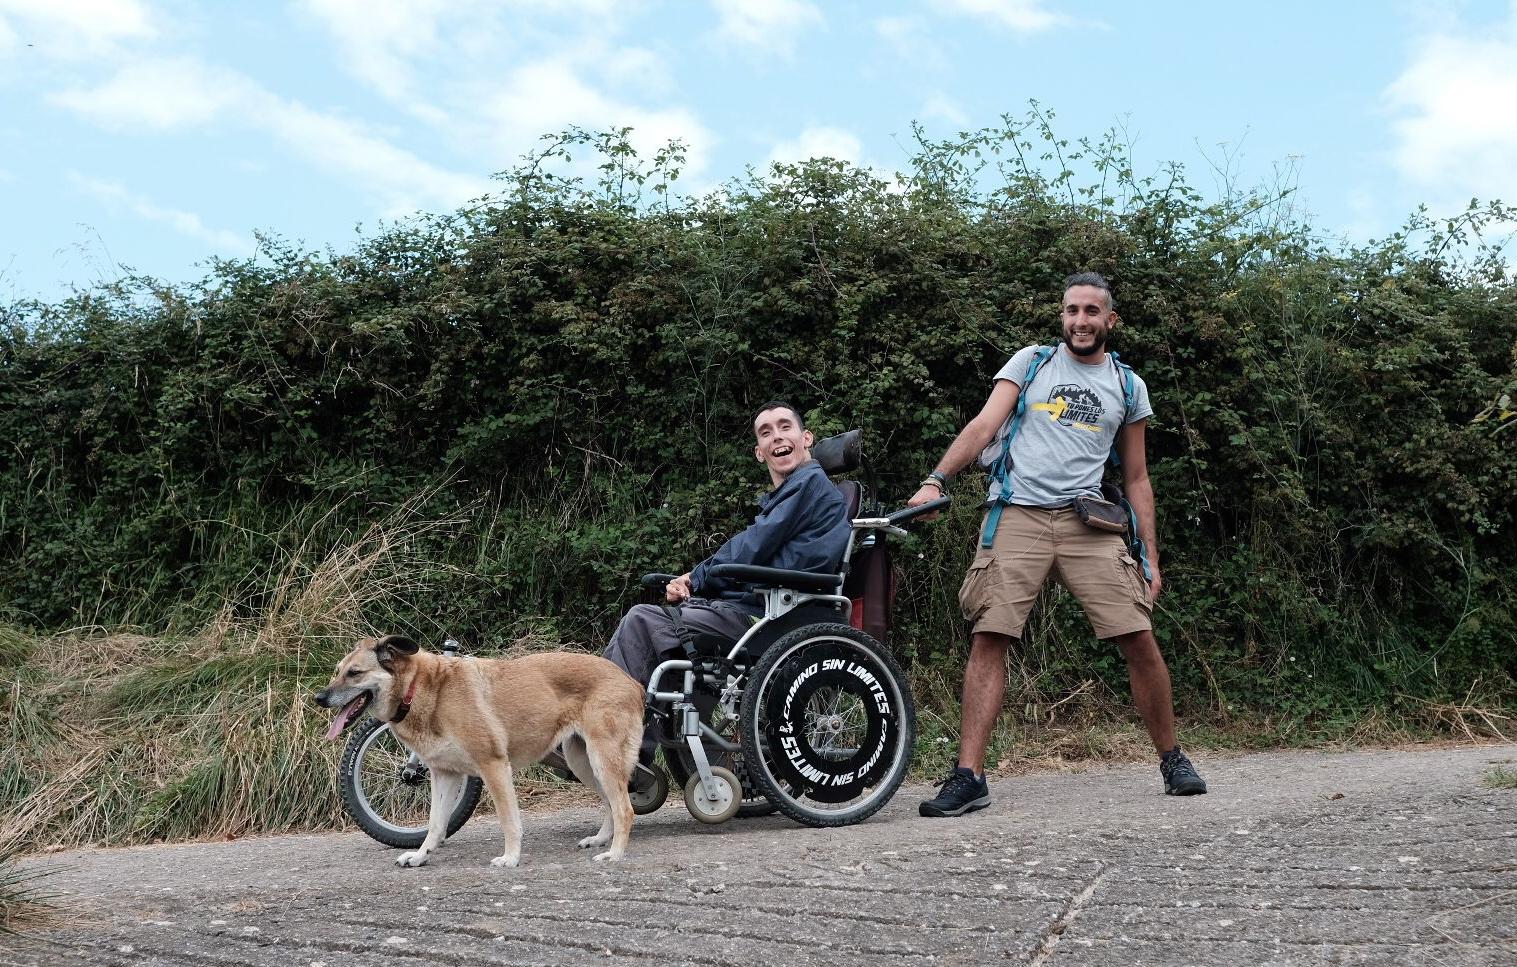 Los hermanos granadinos de 'Camino Sin Límites' ponen a prueba el Camino Primitivo de Santiago